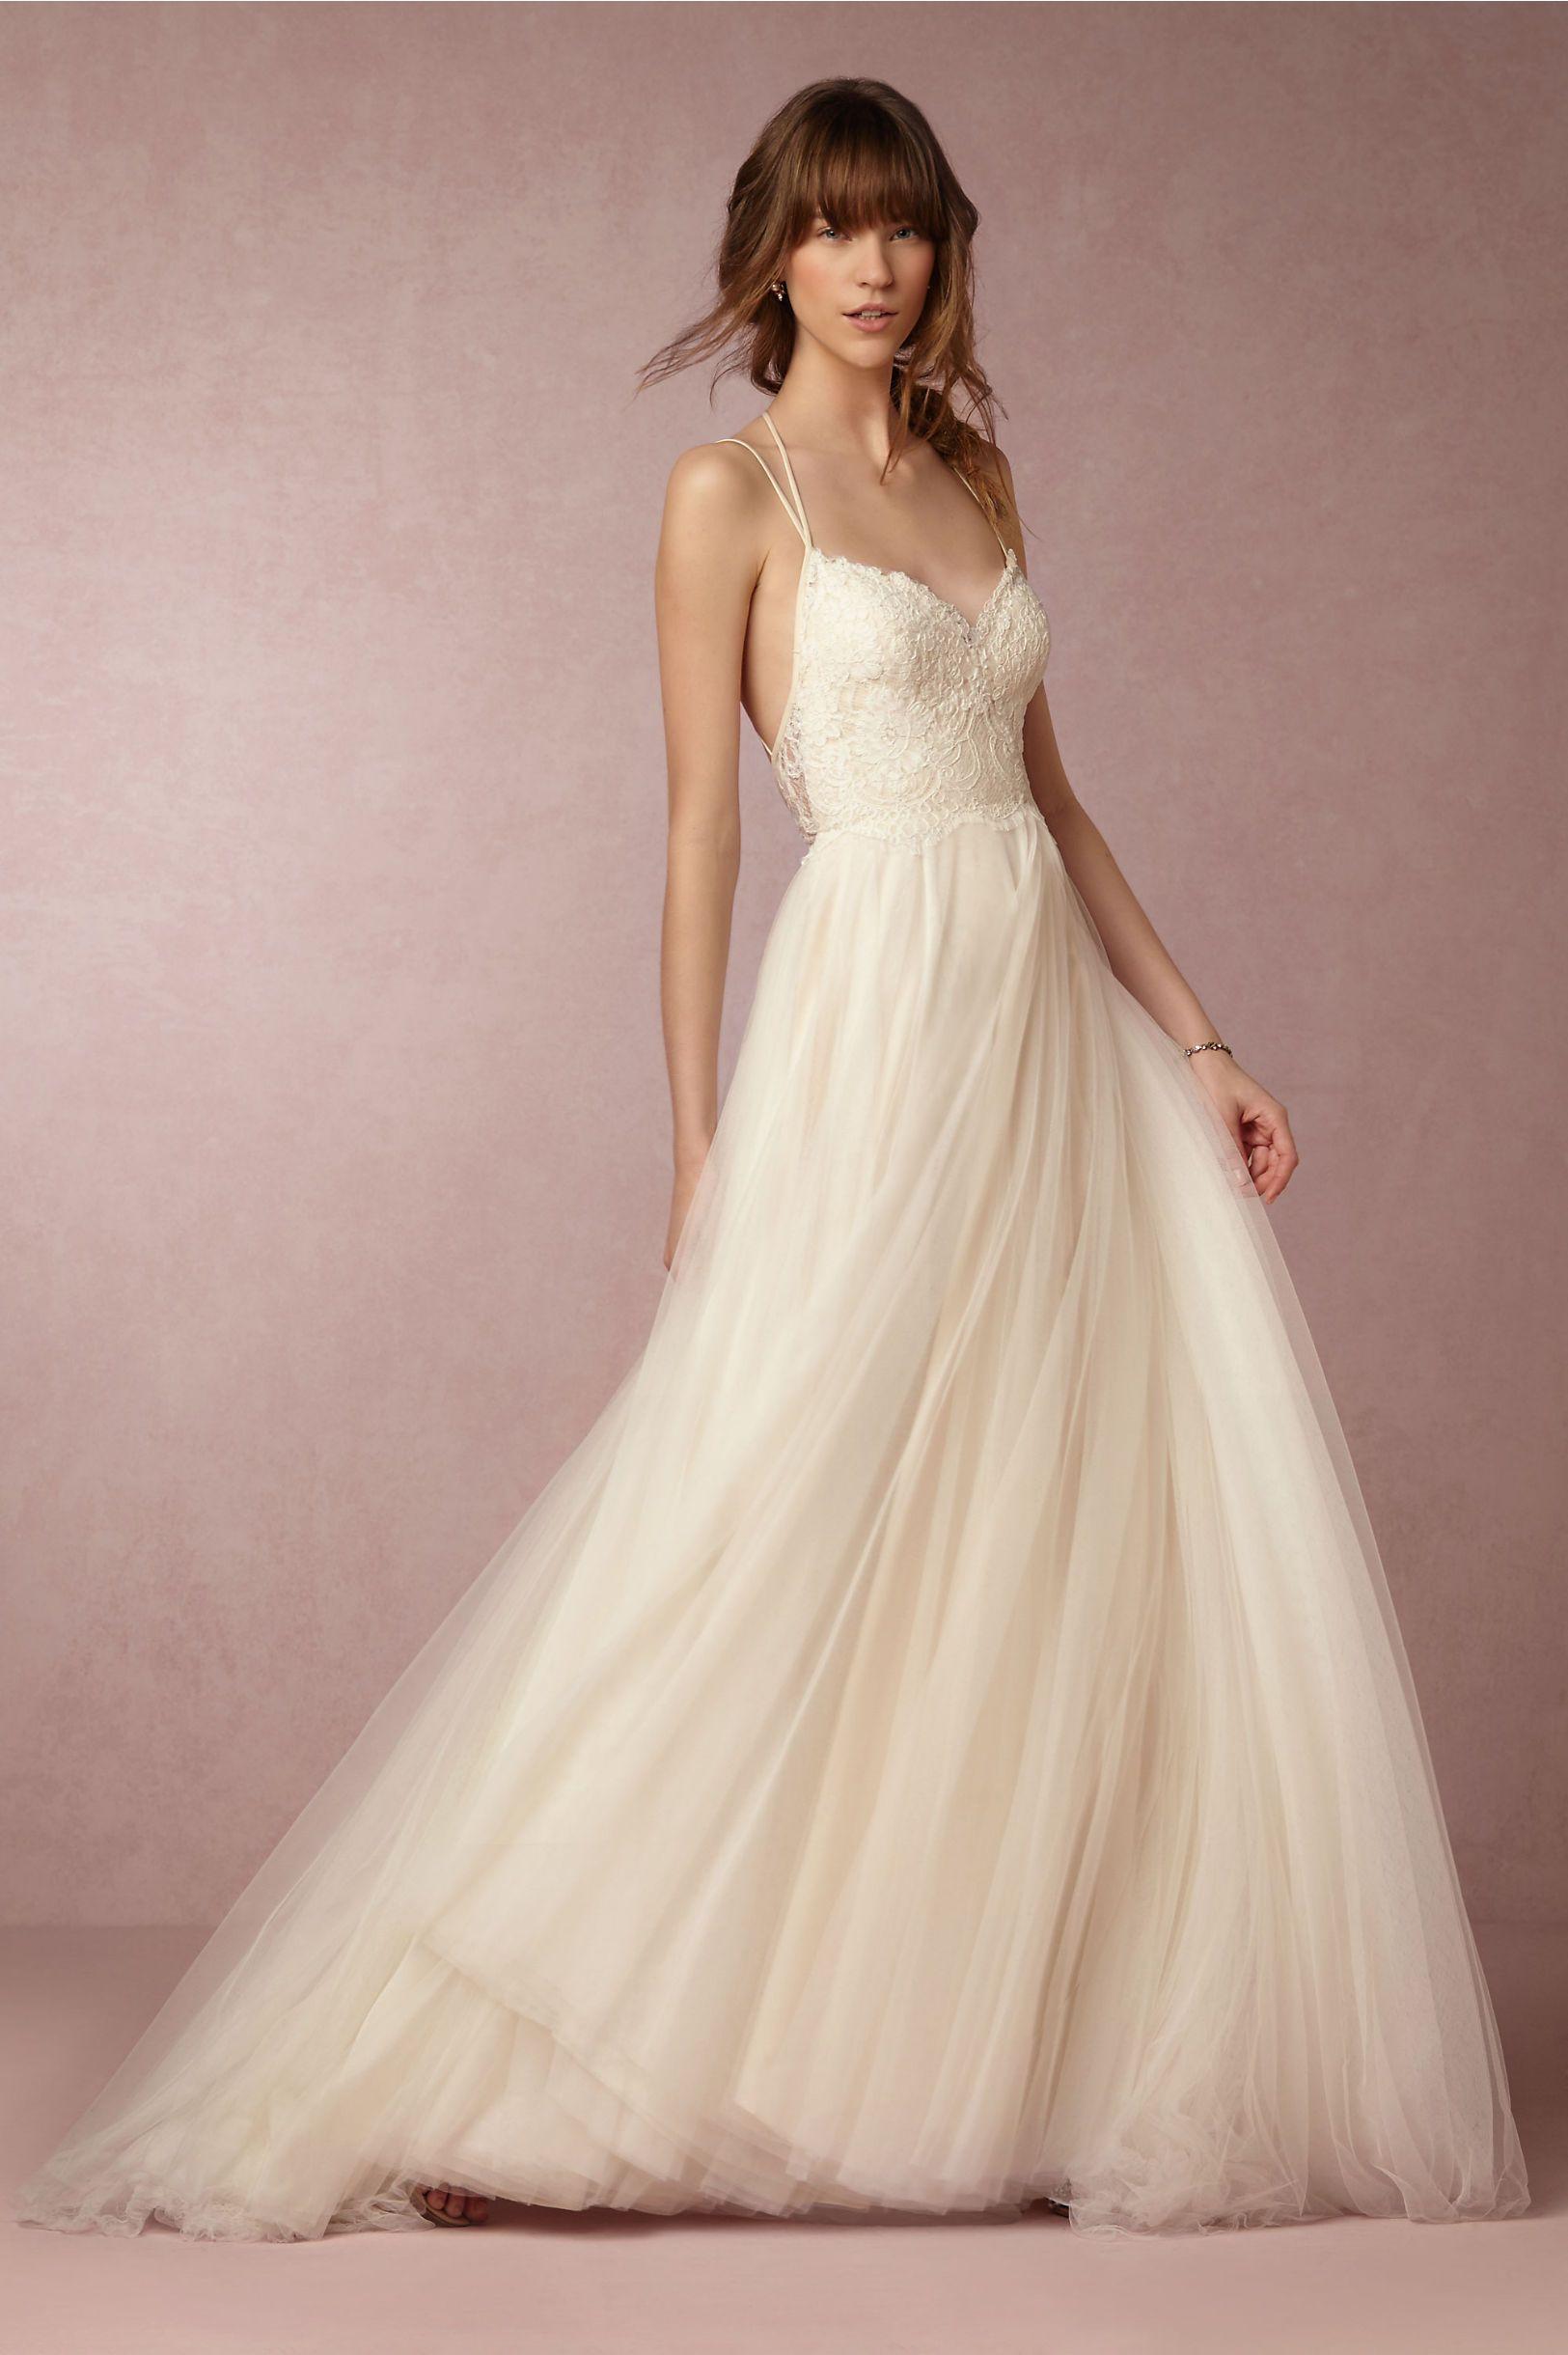 Einfach bezaubernd: Diese Boho-Brautkleider machen Lust aufs ...